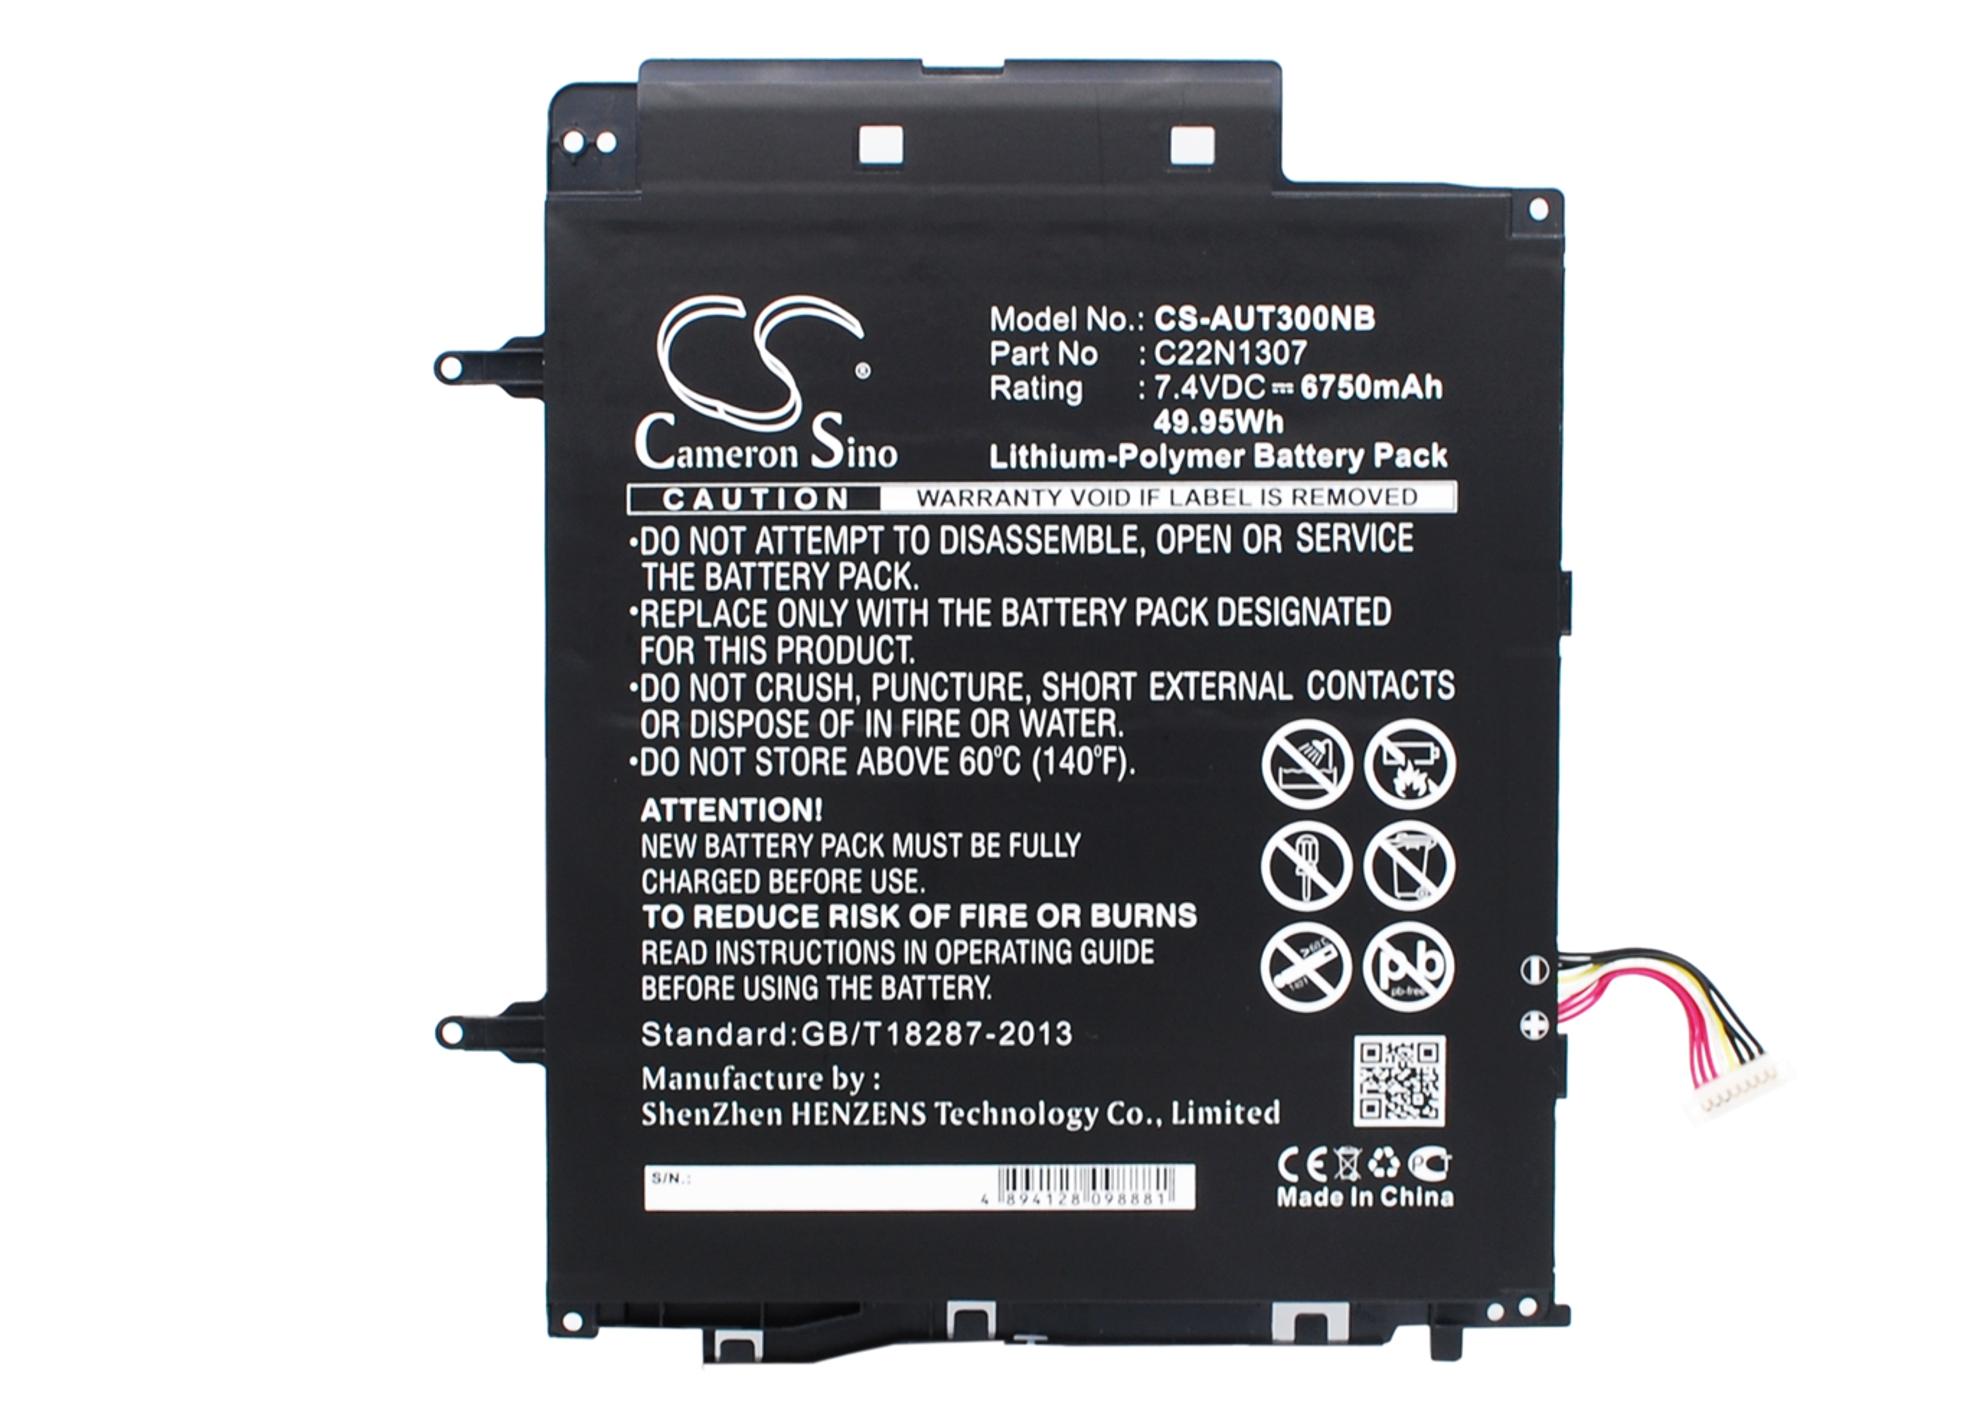 Cameron Sino baterie do notebooků pro ASUS T300LA-XH71T 7.4V Li-Polymer 6750mAh černá - neoriginální